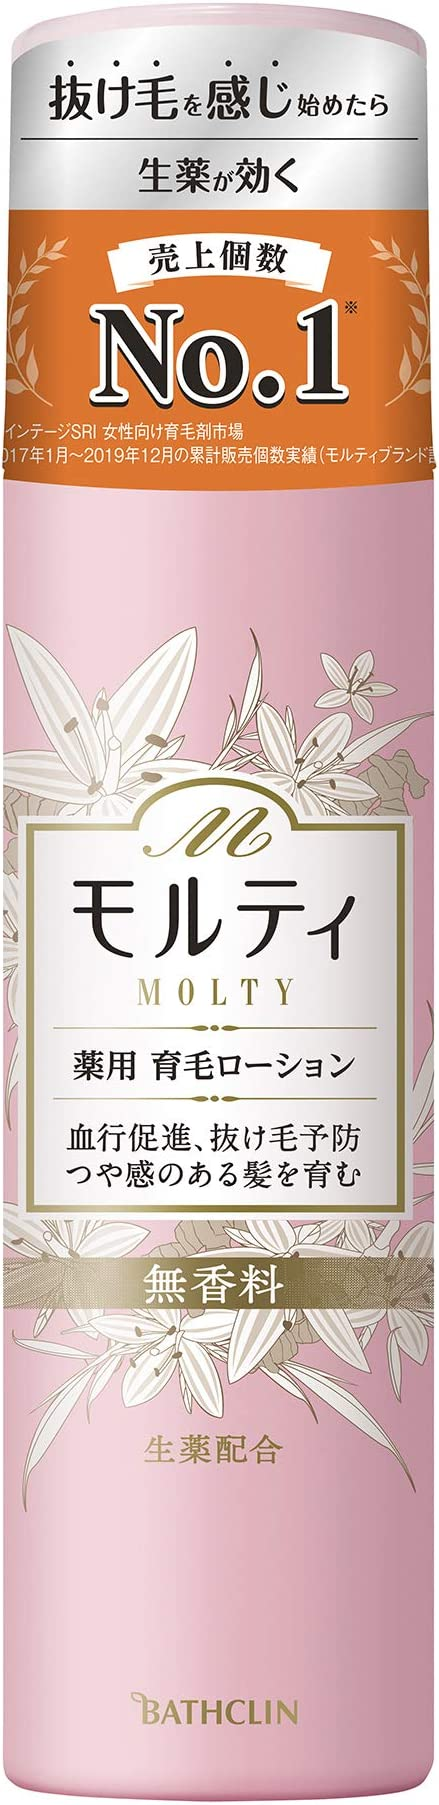 【医薬部外品】モルティ 女性用育毛剤 薬用育毛ローション180g 女性向け